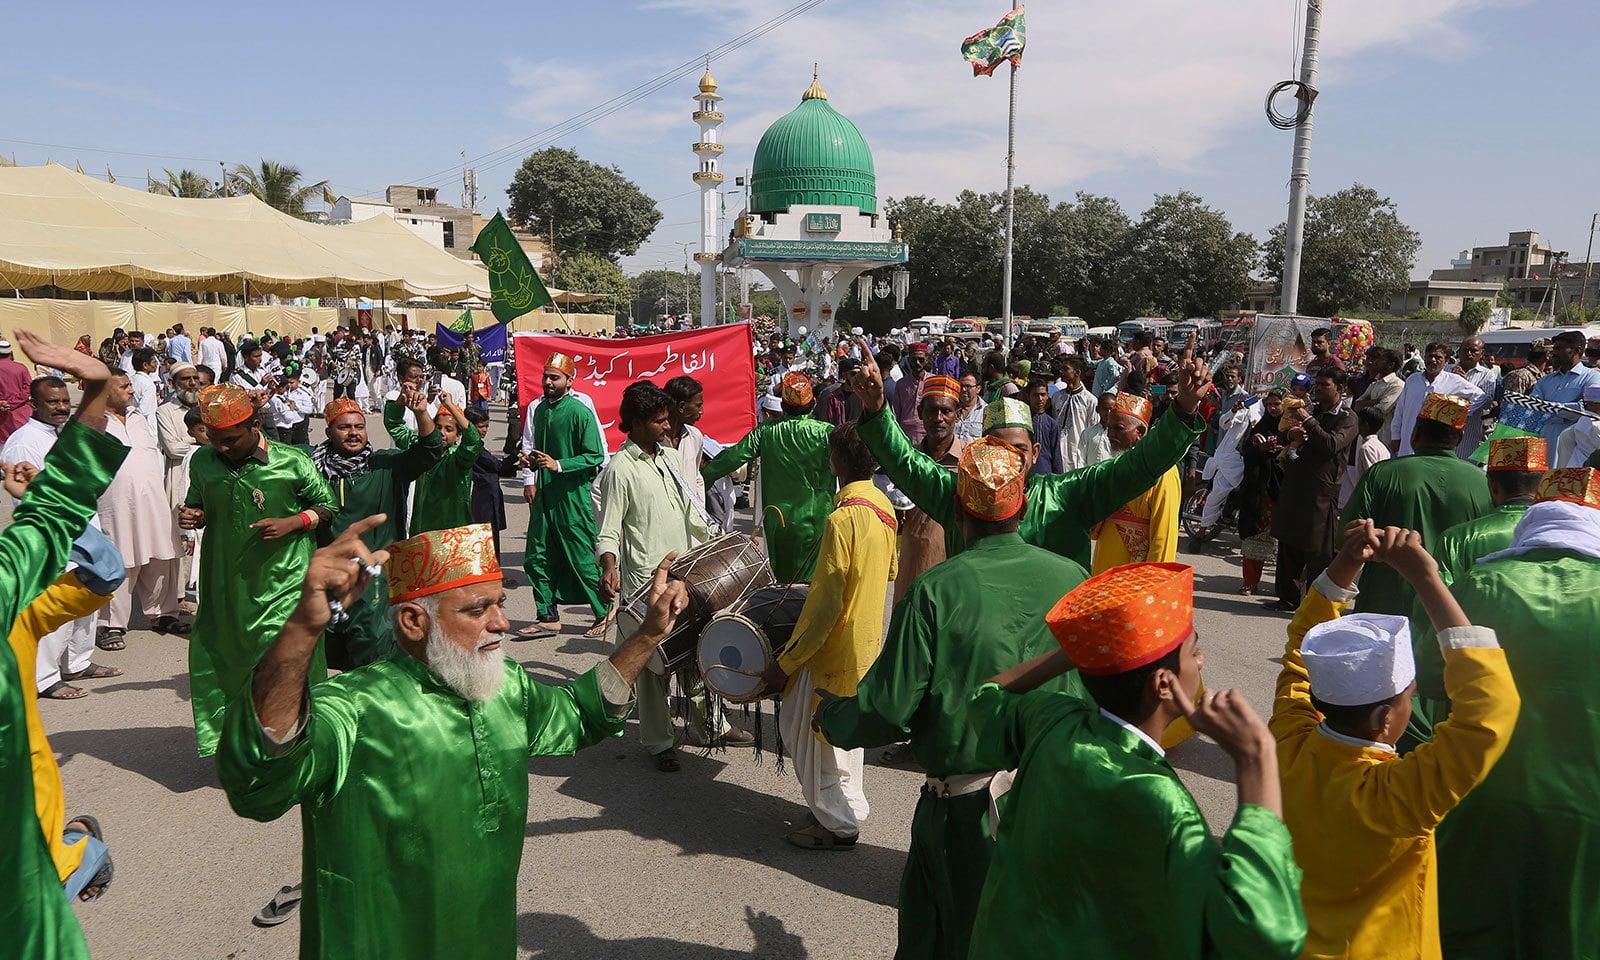 پاکستان کے مختلف شہروں میں لنگر کا انتظام بھی کیا گیا تھا—فوٹو:اے پی